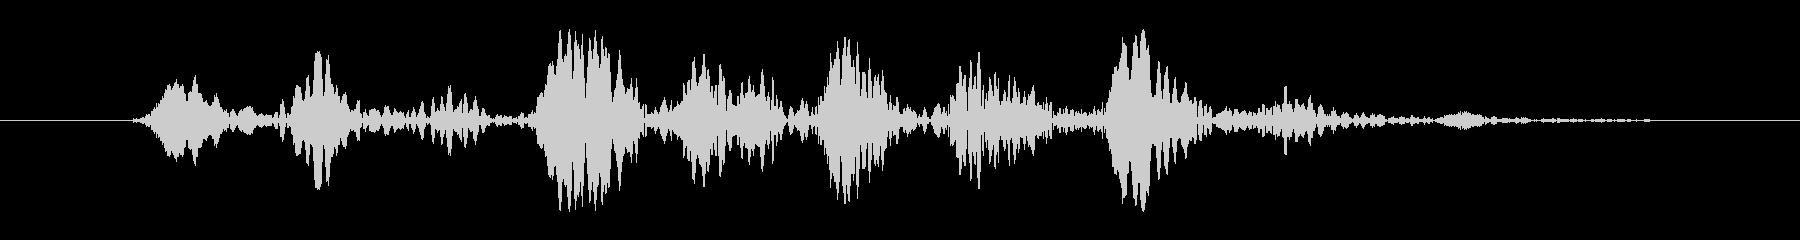 FX ボードウォブル01の未再生の波形